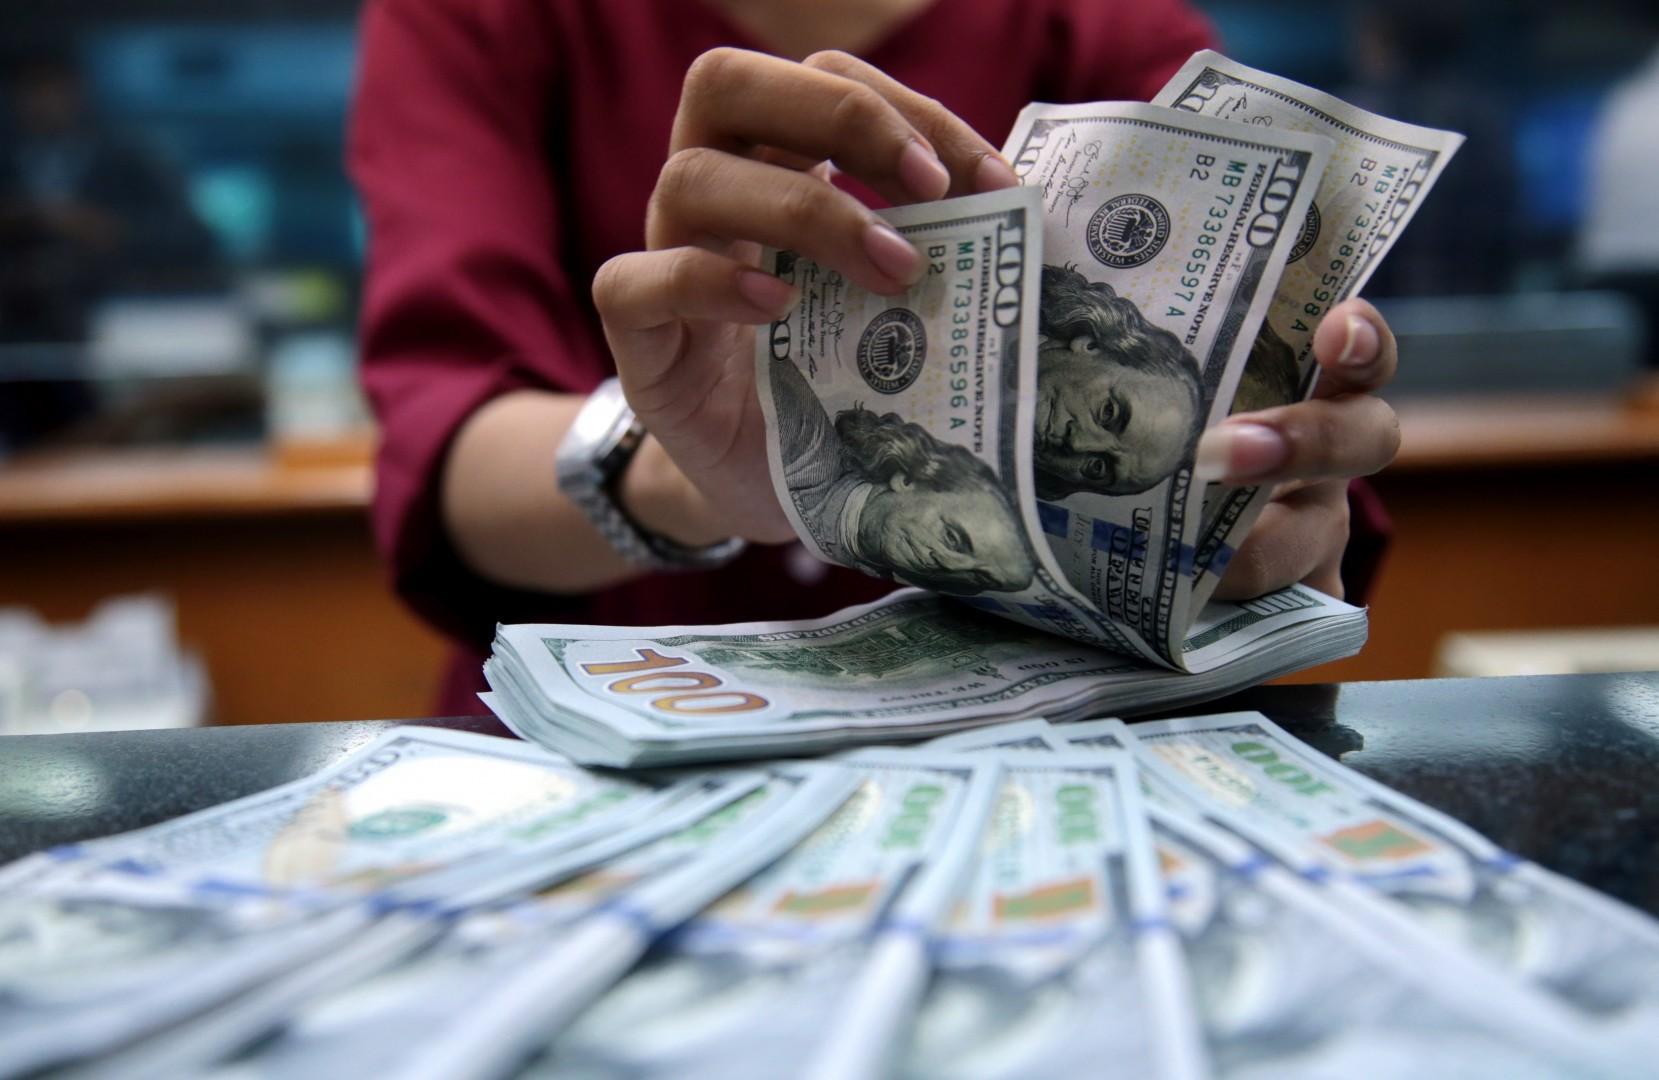 Tỷ giá USD hôm nay 5/10: Tăng nhẹ trên thị trường quốc tế trong phiên giao dịch đầu tuần - Ảnh 1.